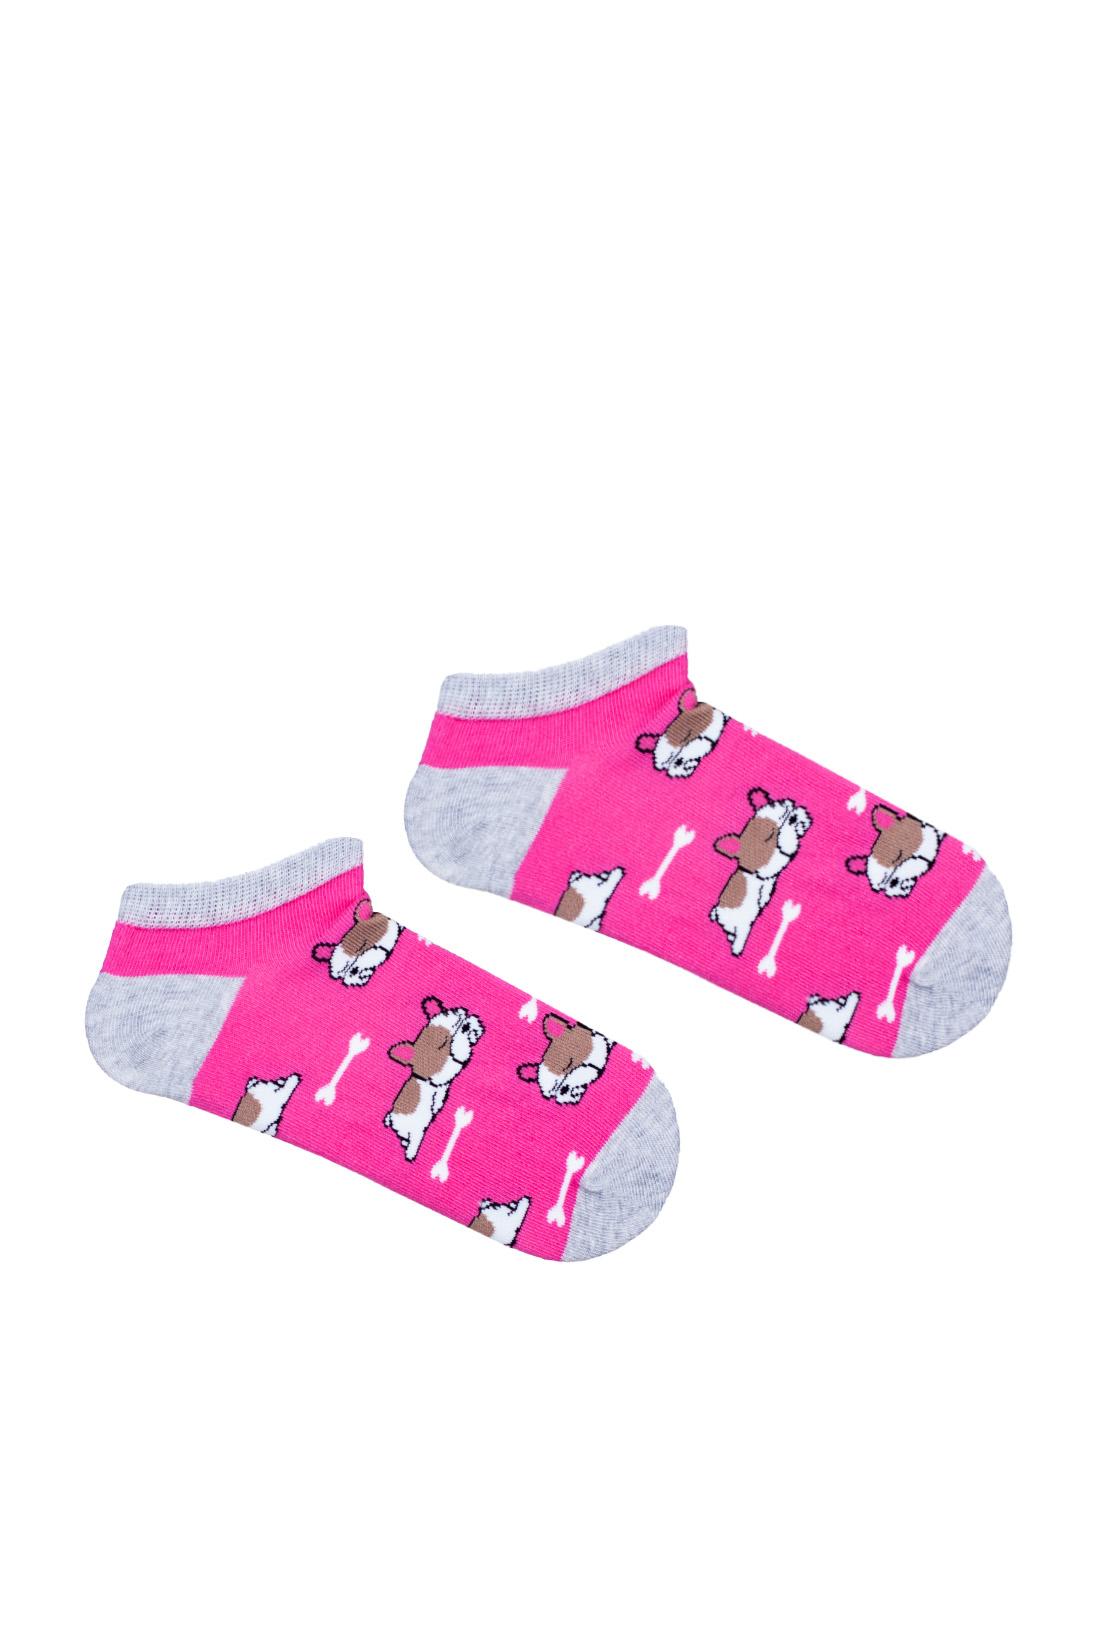 Kolorowe stopki dziecięce, różowe z szarym wykończeniem w śpiące pieski